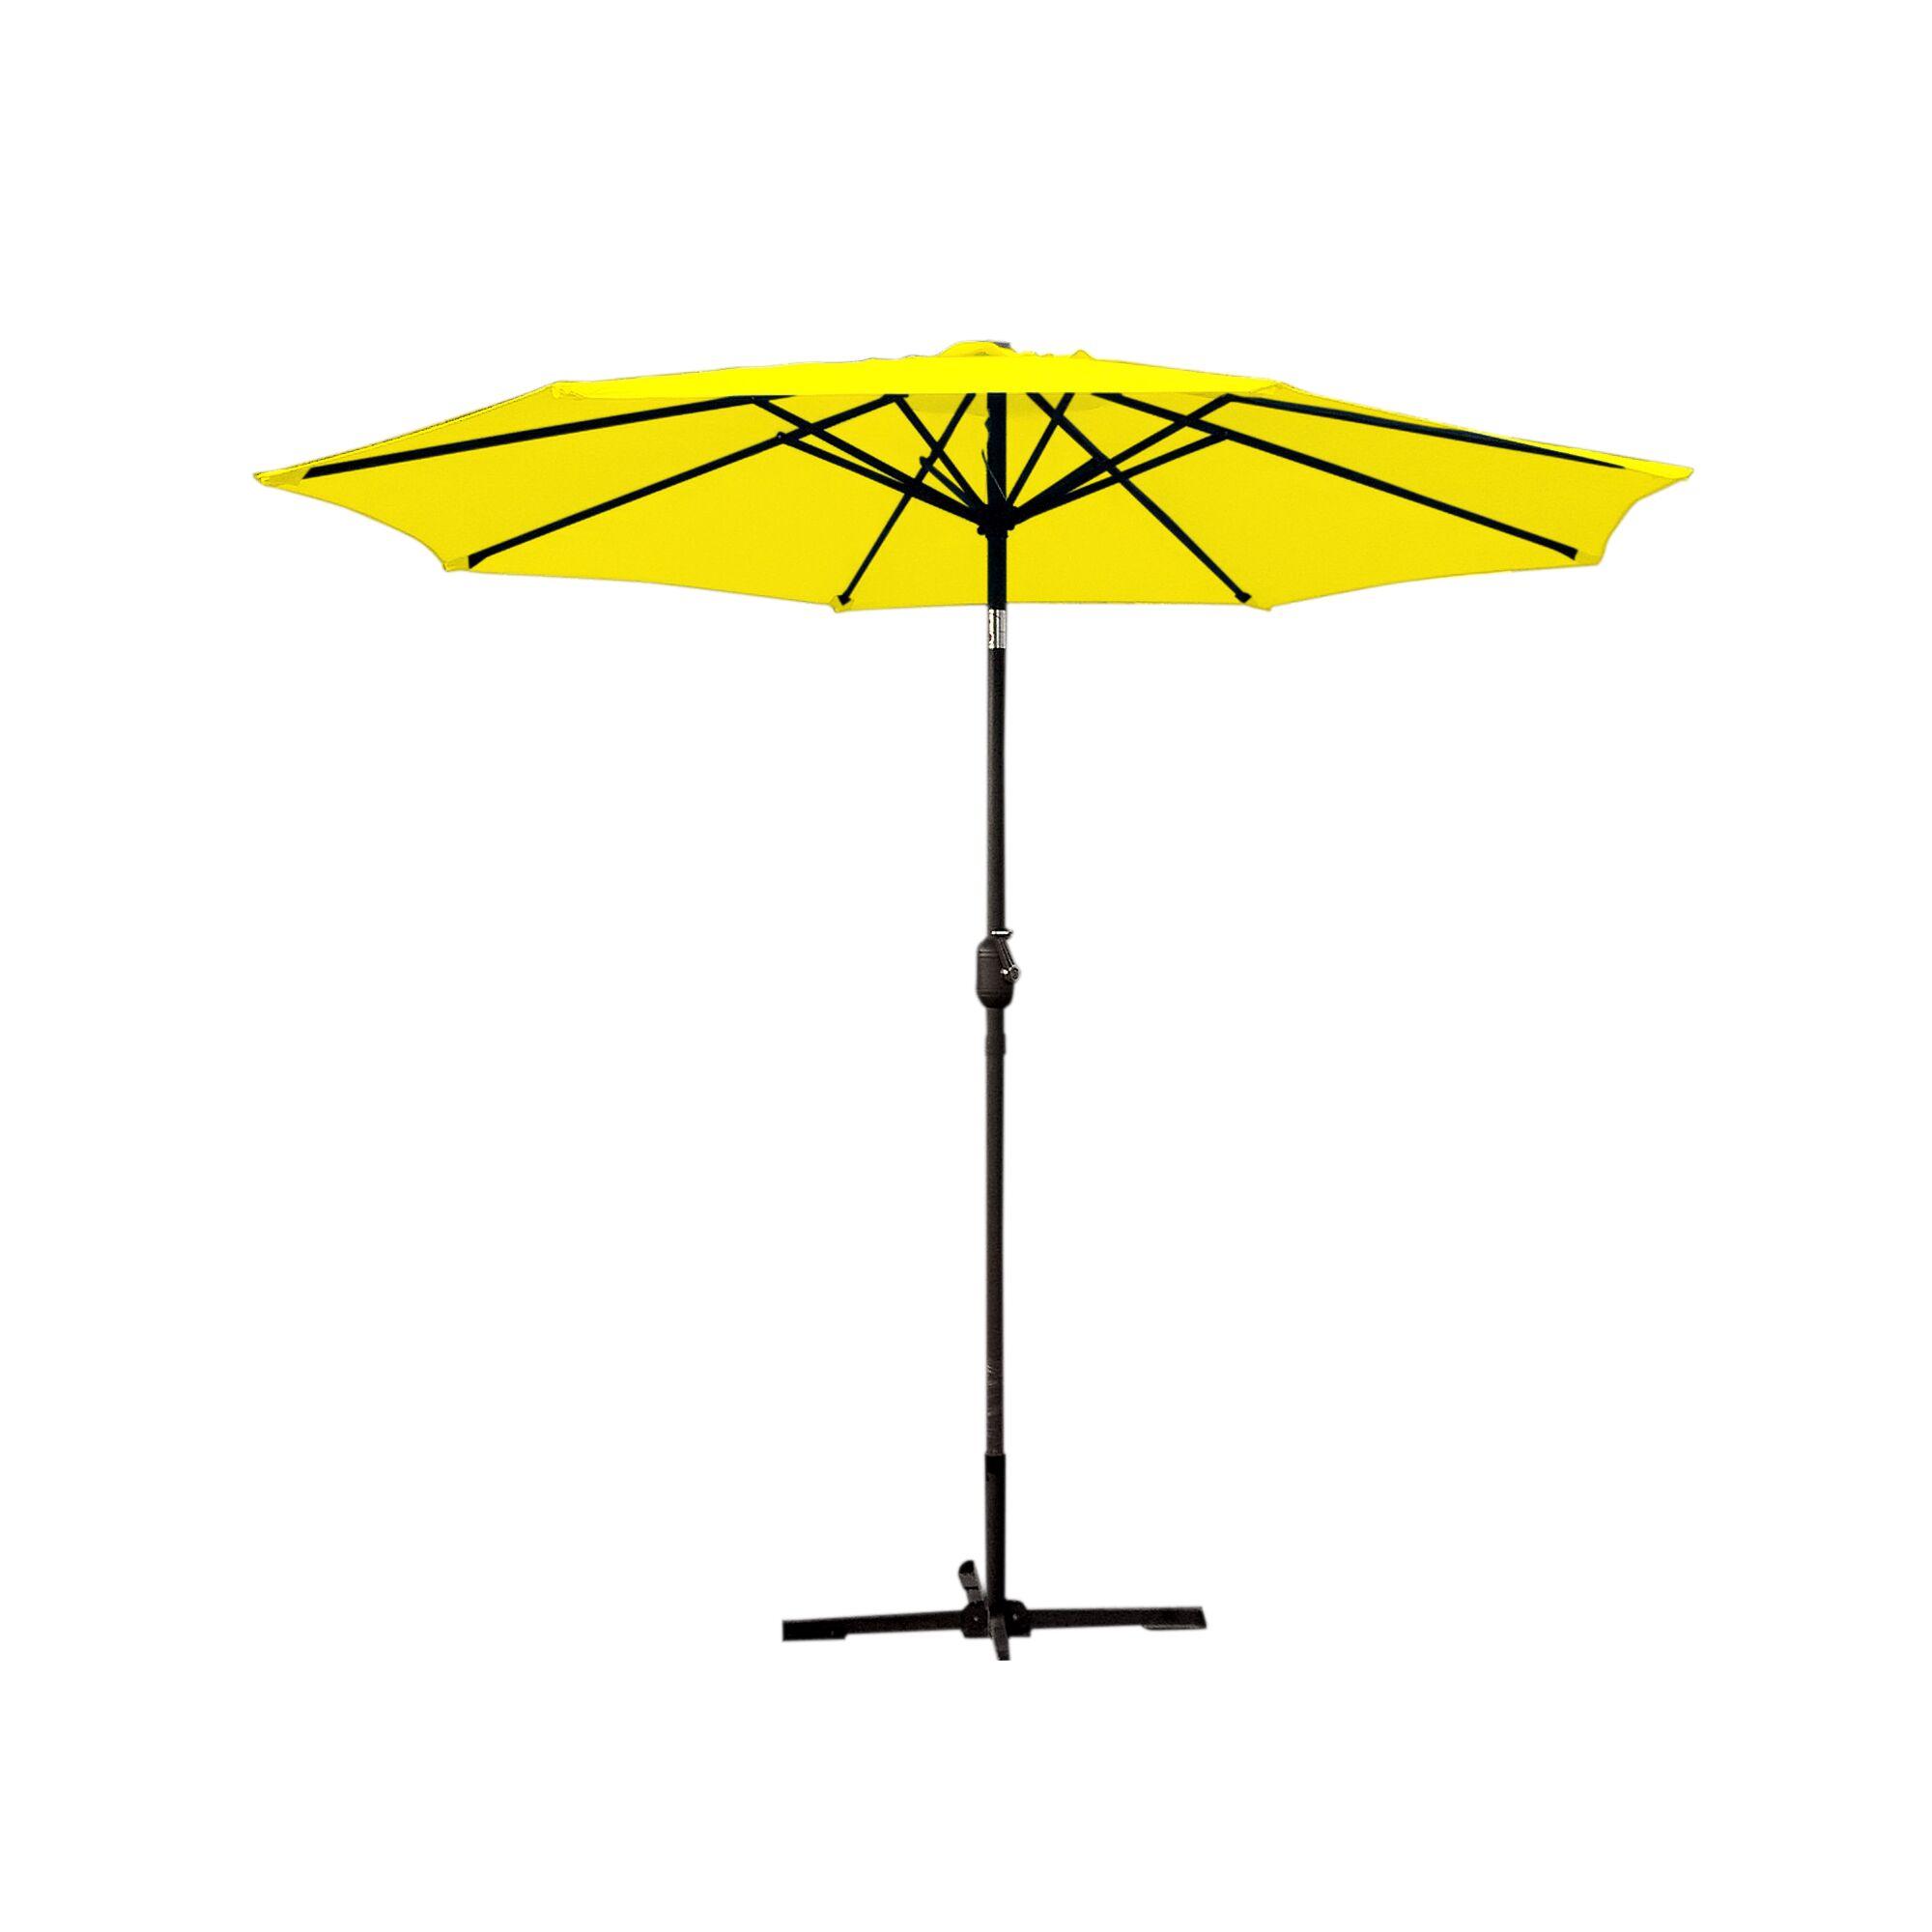 9' Market Umbrella Fabric: Turquoise, Frame Finish: Black